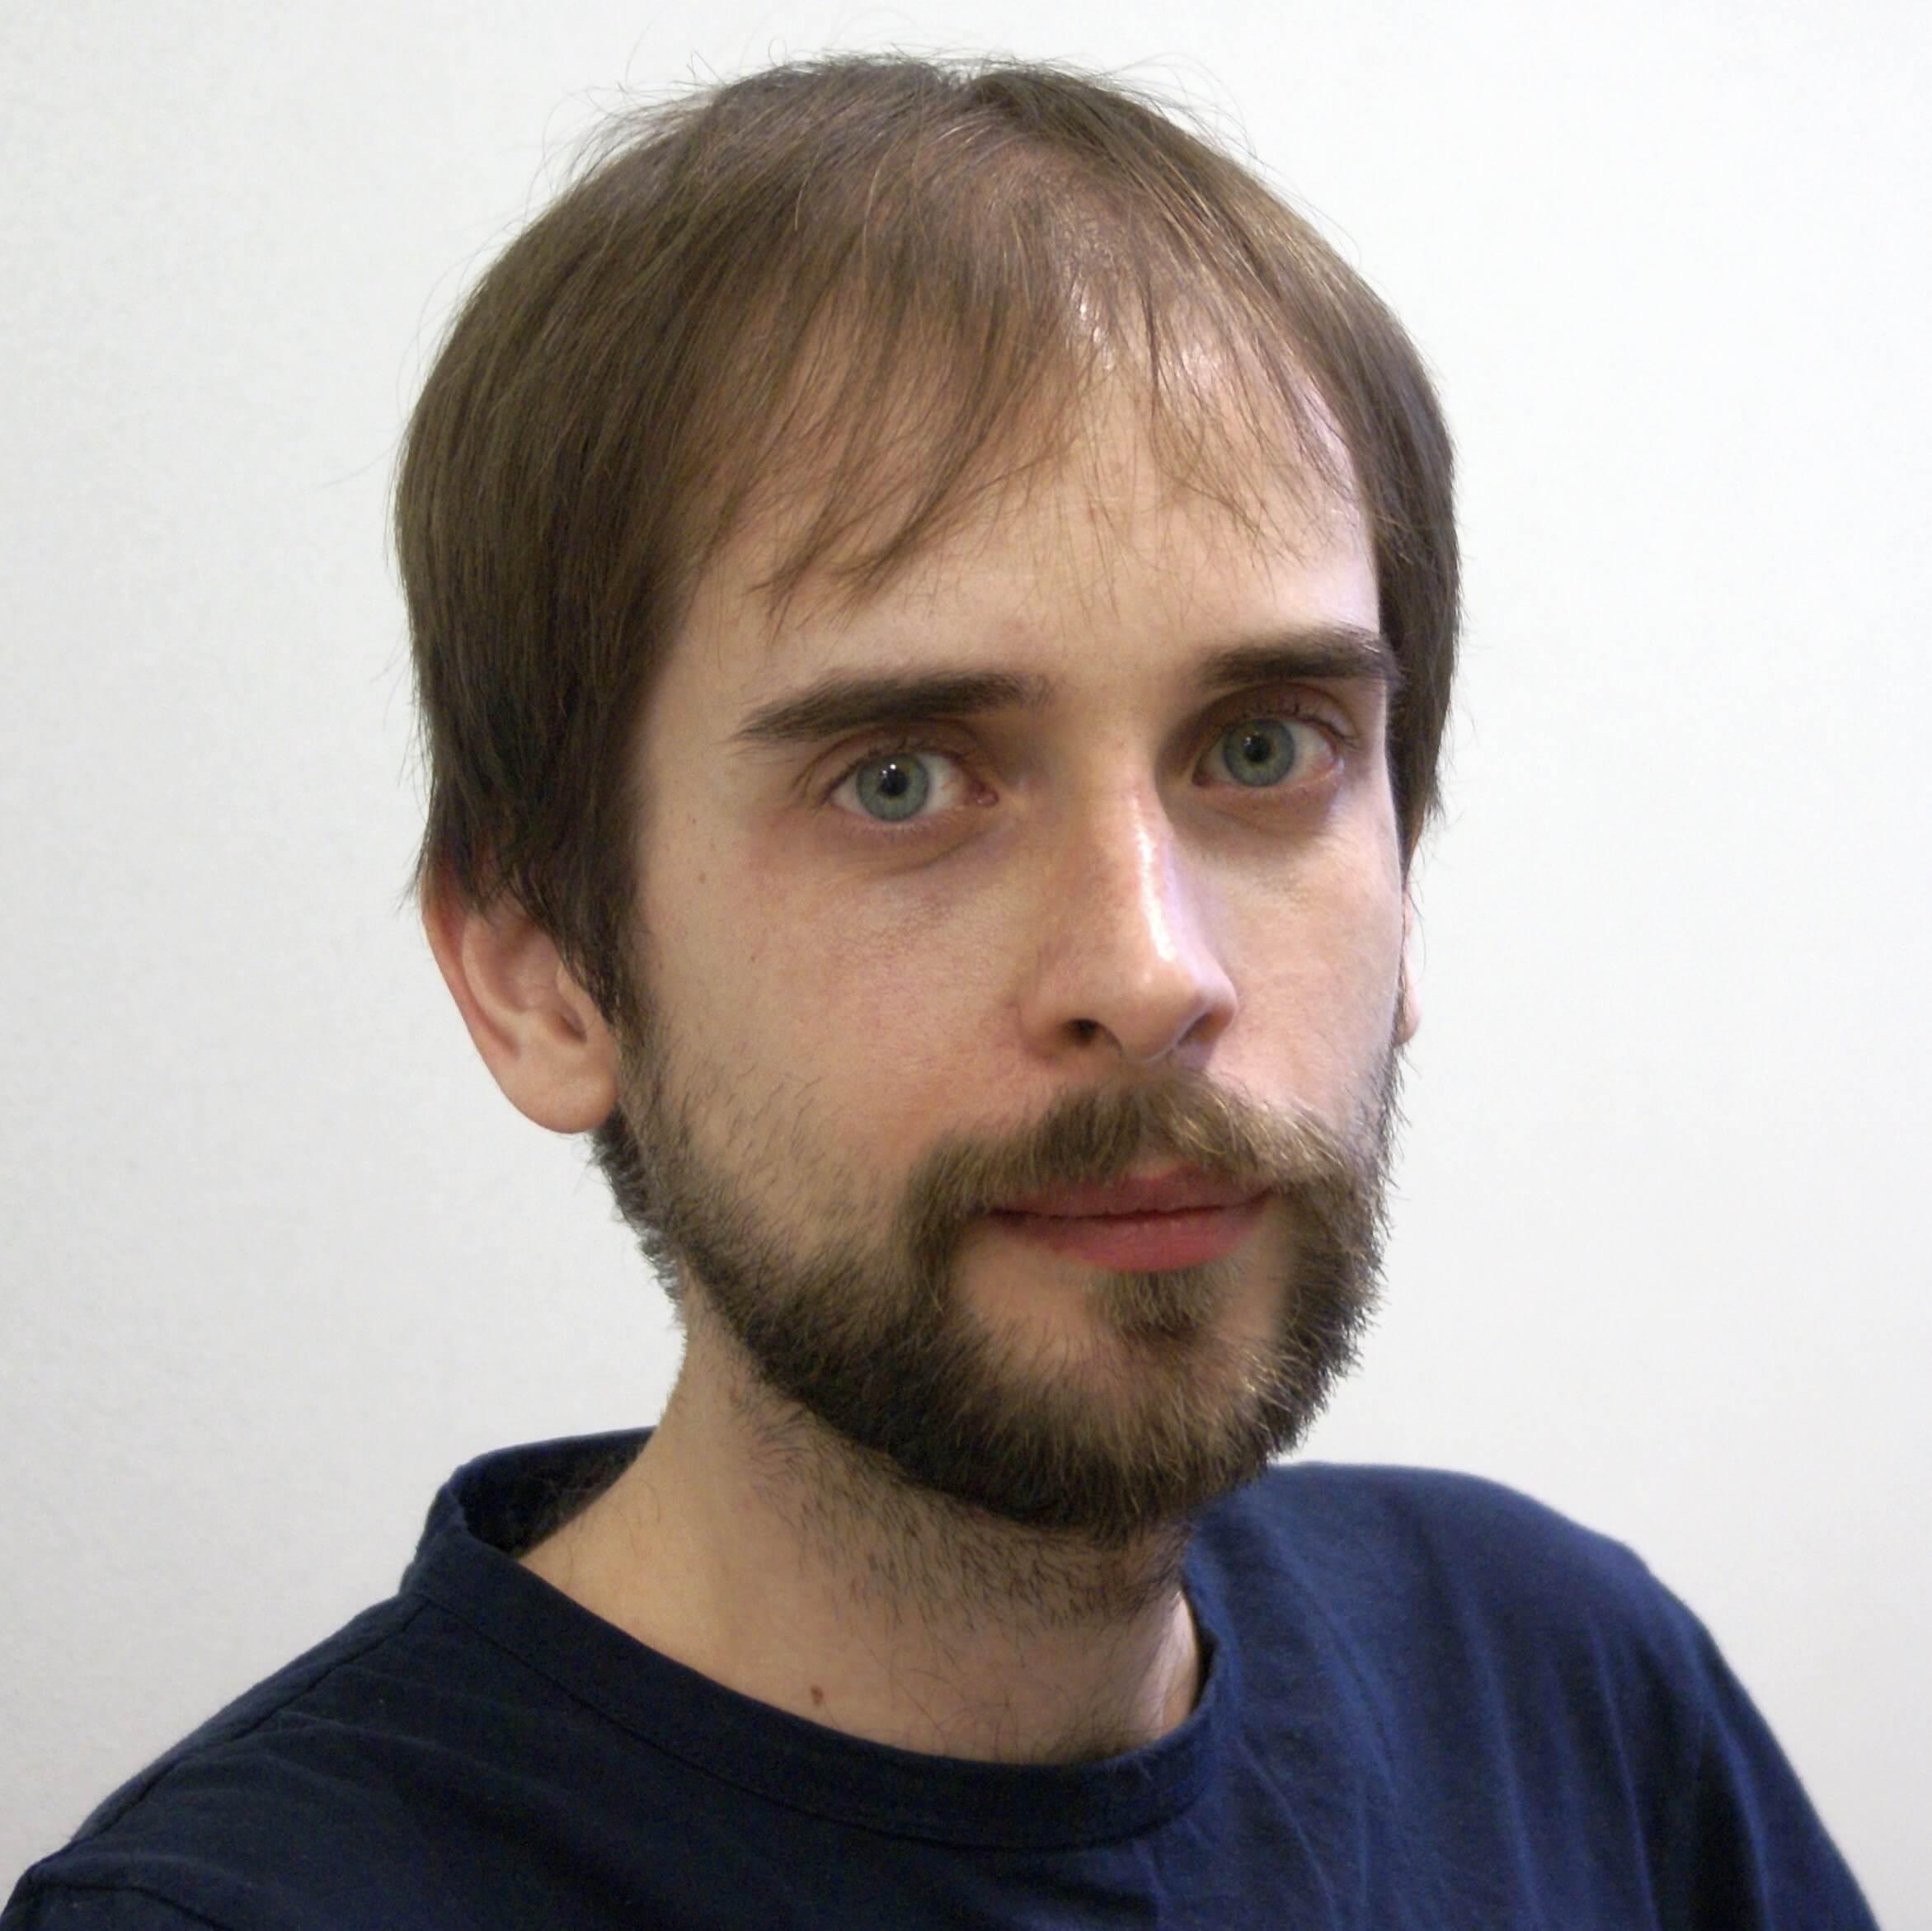 Алексей Шилкин, ITV Group